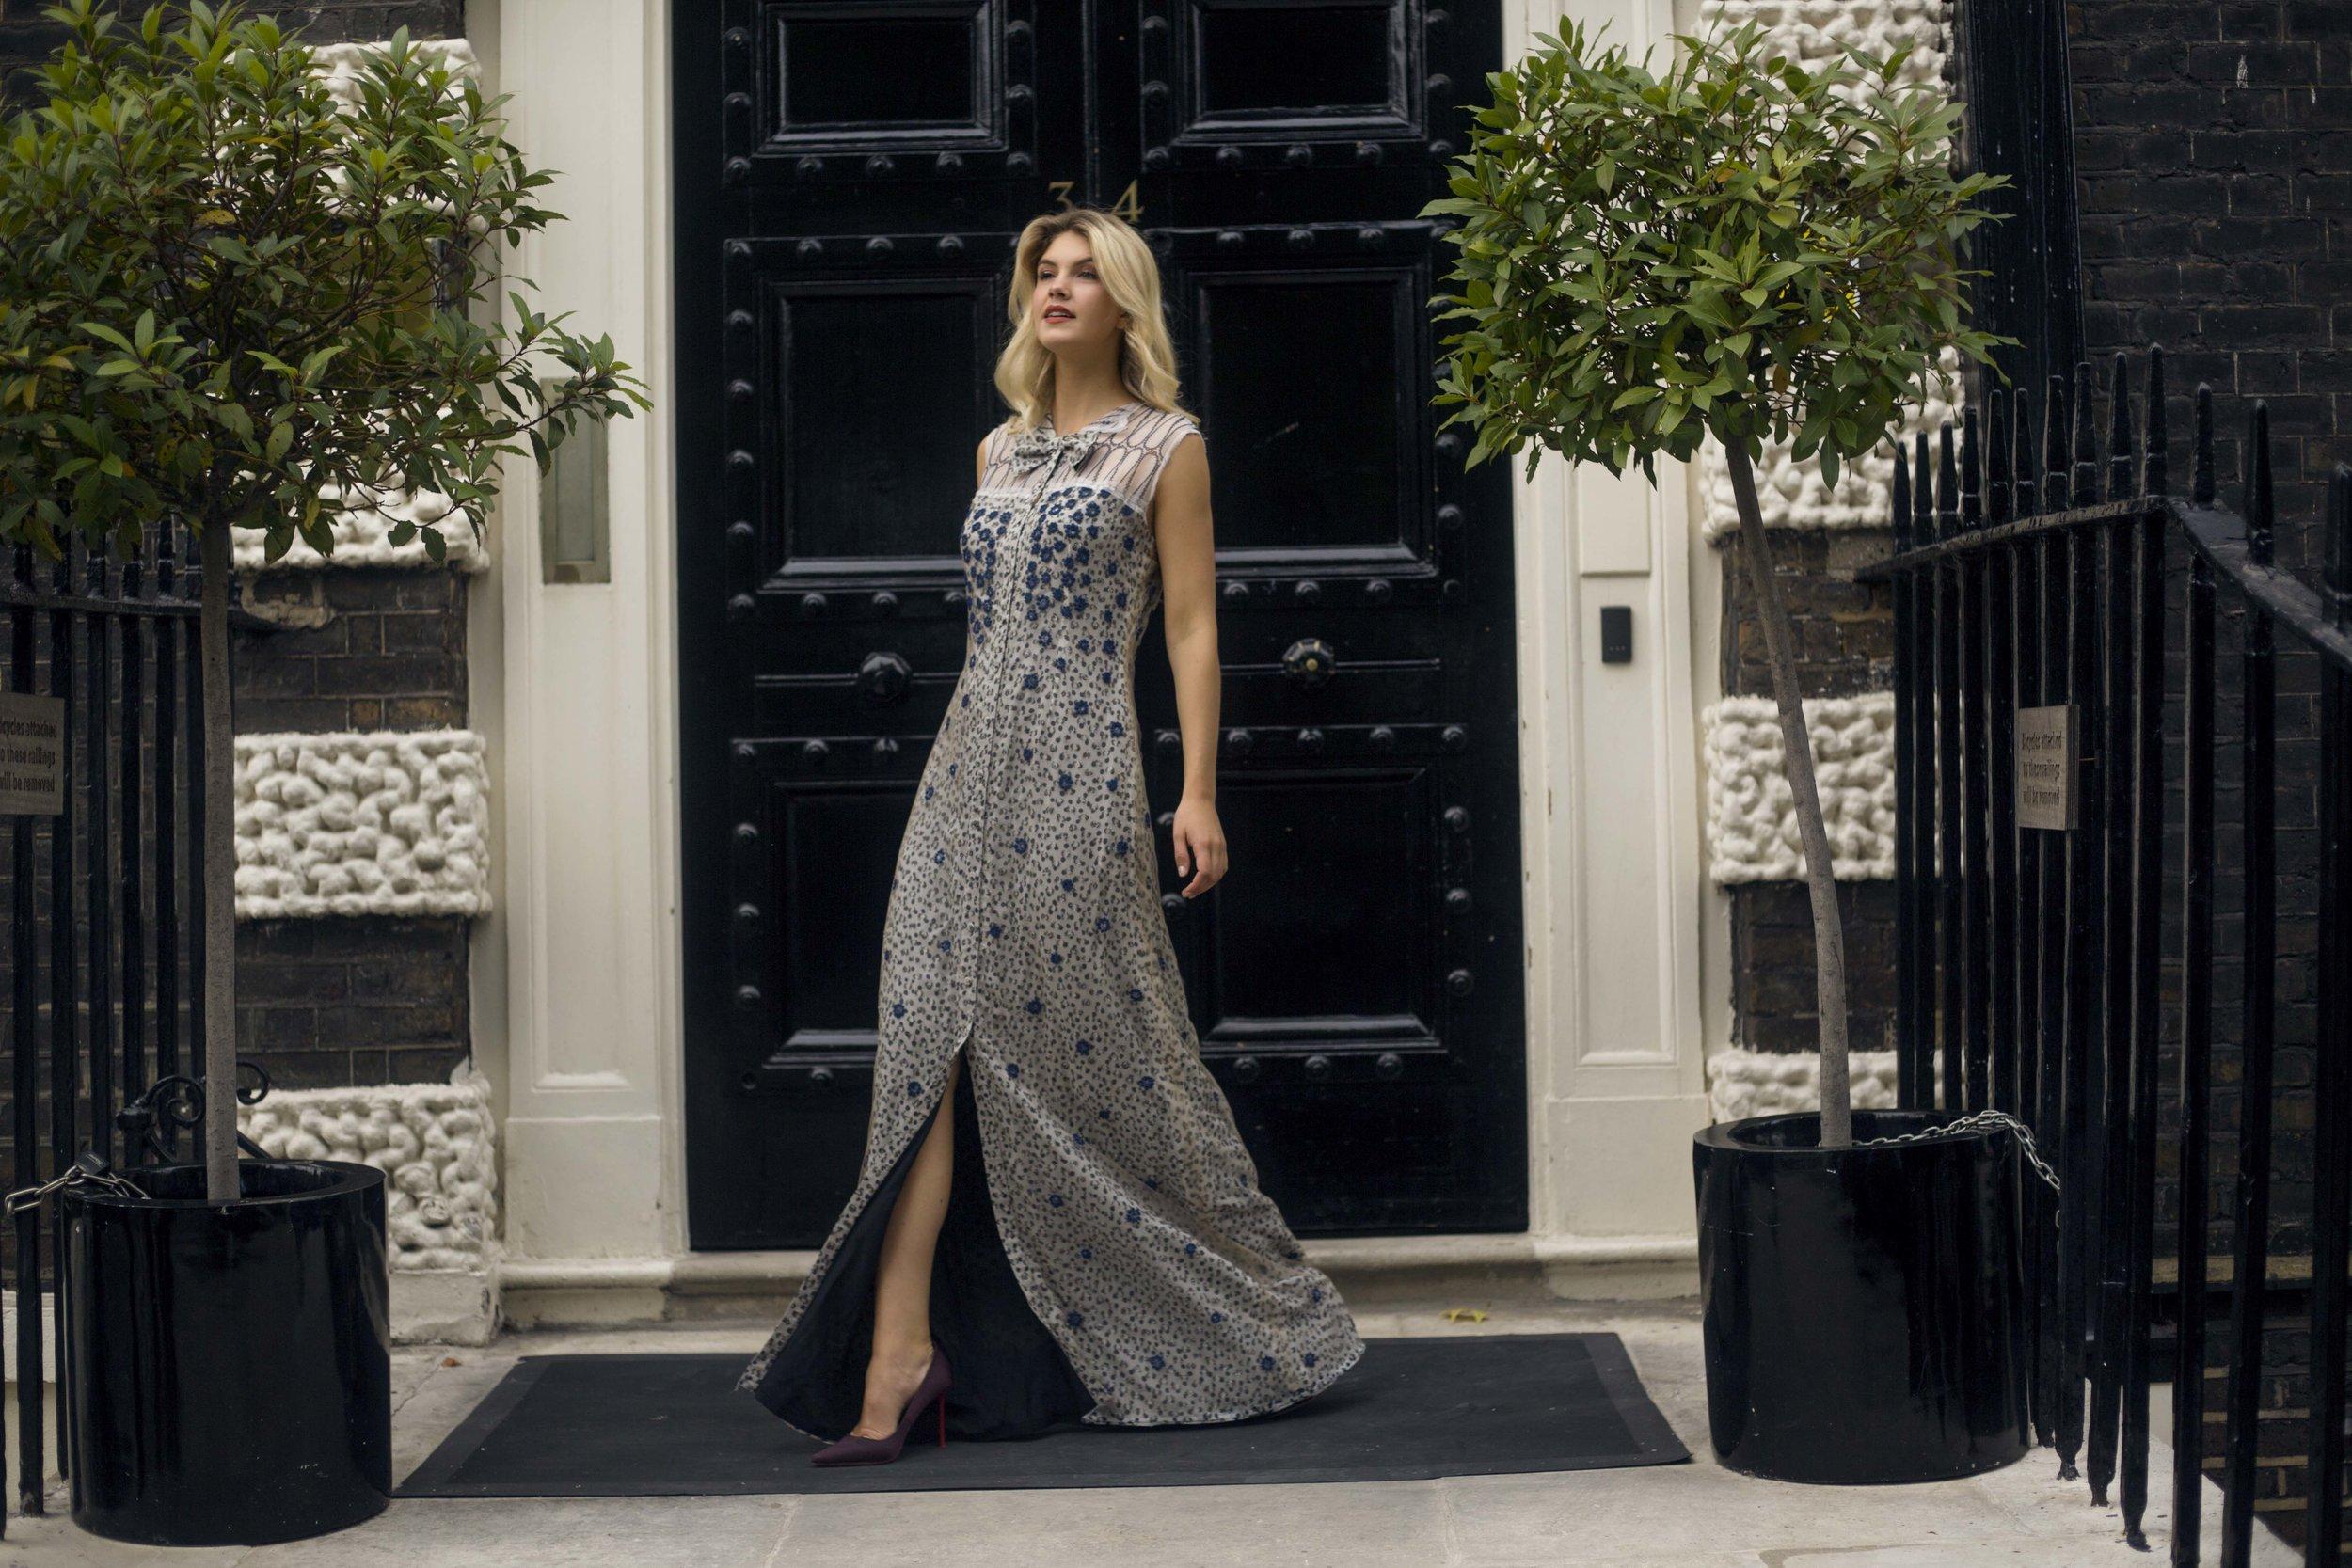 Luxury rental in London